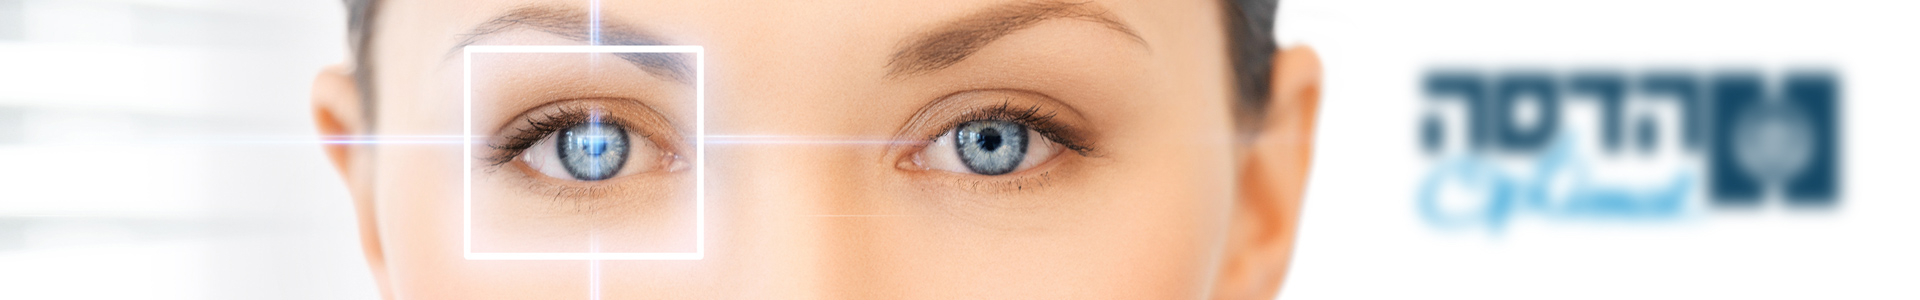 הדסה אופטימל - הסרת משקפיים בלייזר